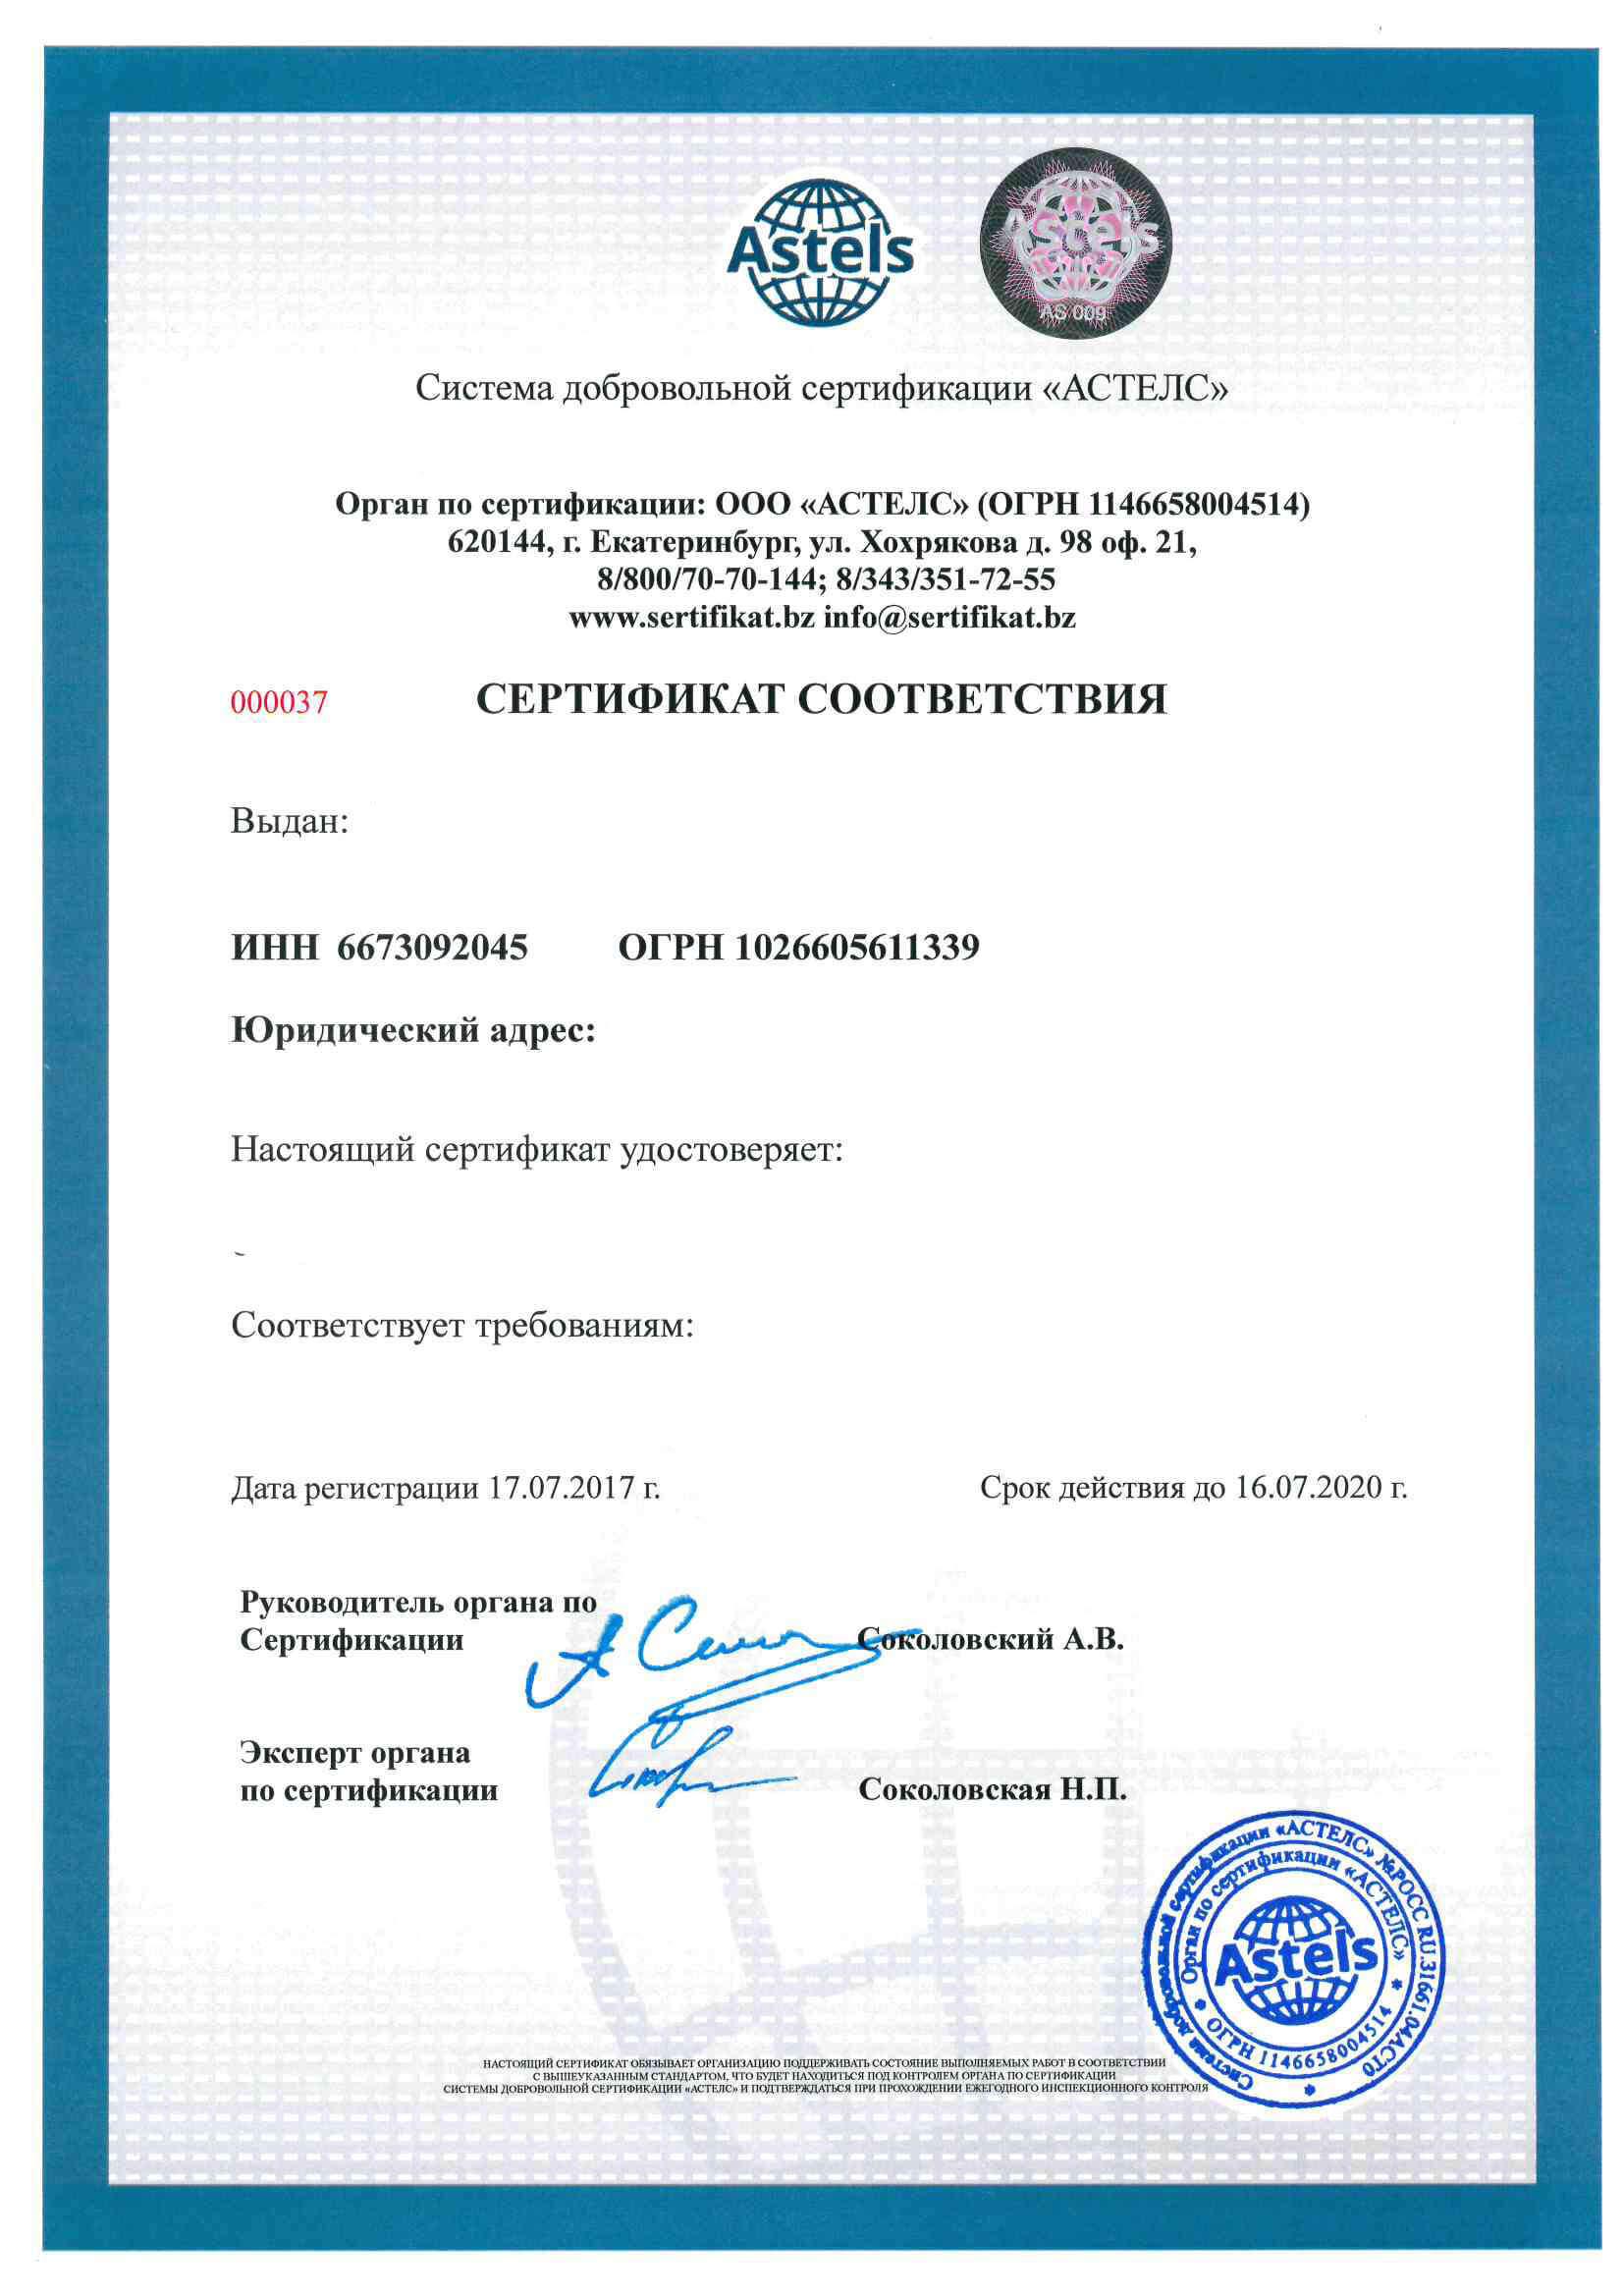 Что надо для стандартизация сертификация красноярск безопасность качество сертифицируемых услуг сертификация услуг заключаться проверке качес